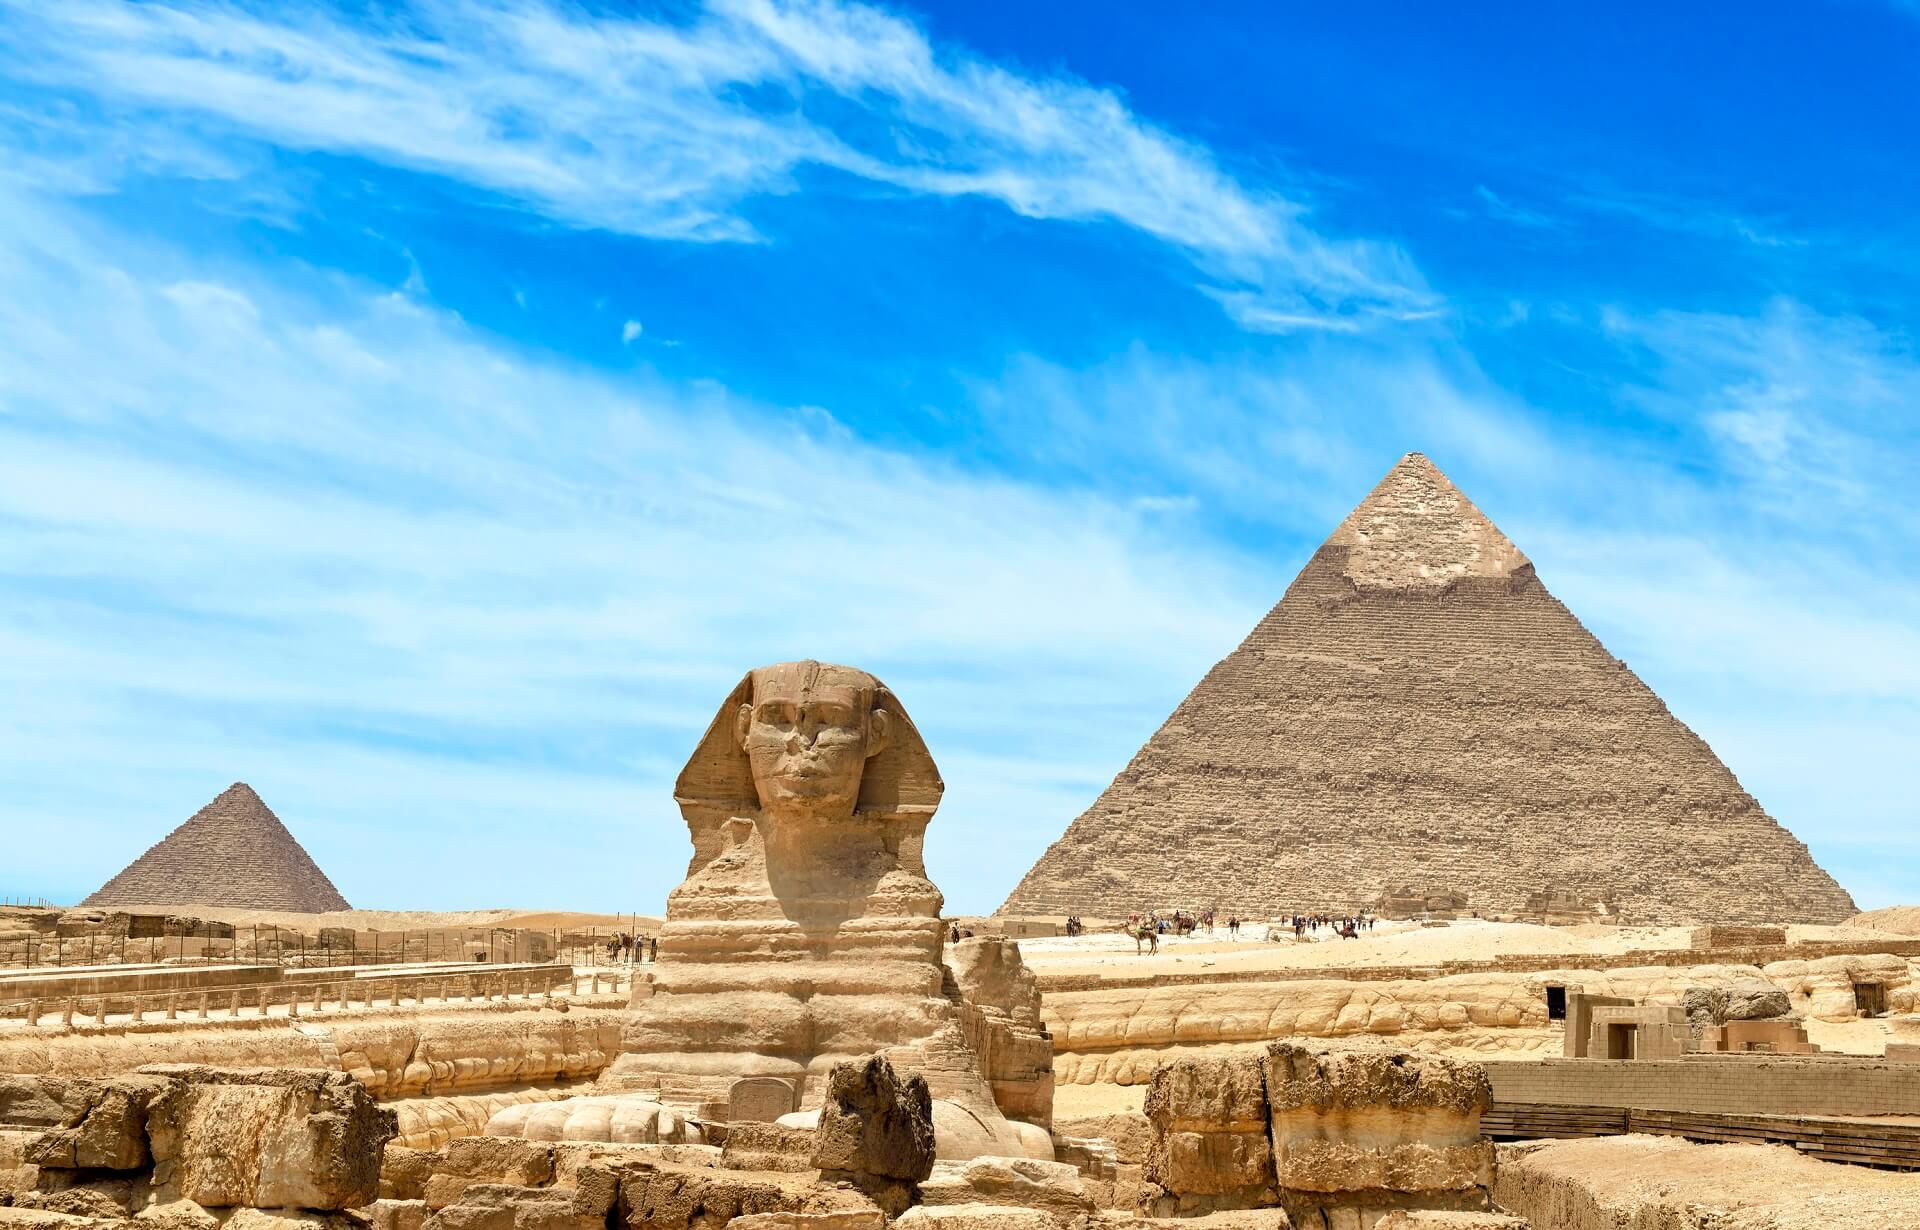 Pyramiden von Gizeh in Ägypten.